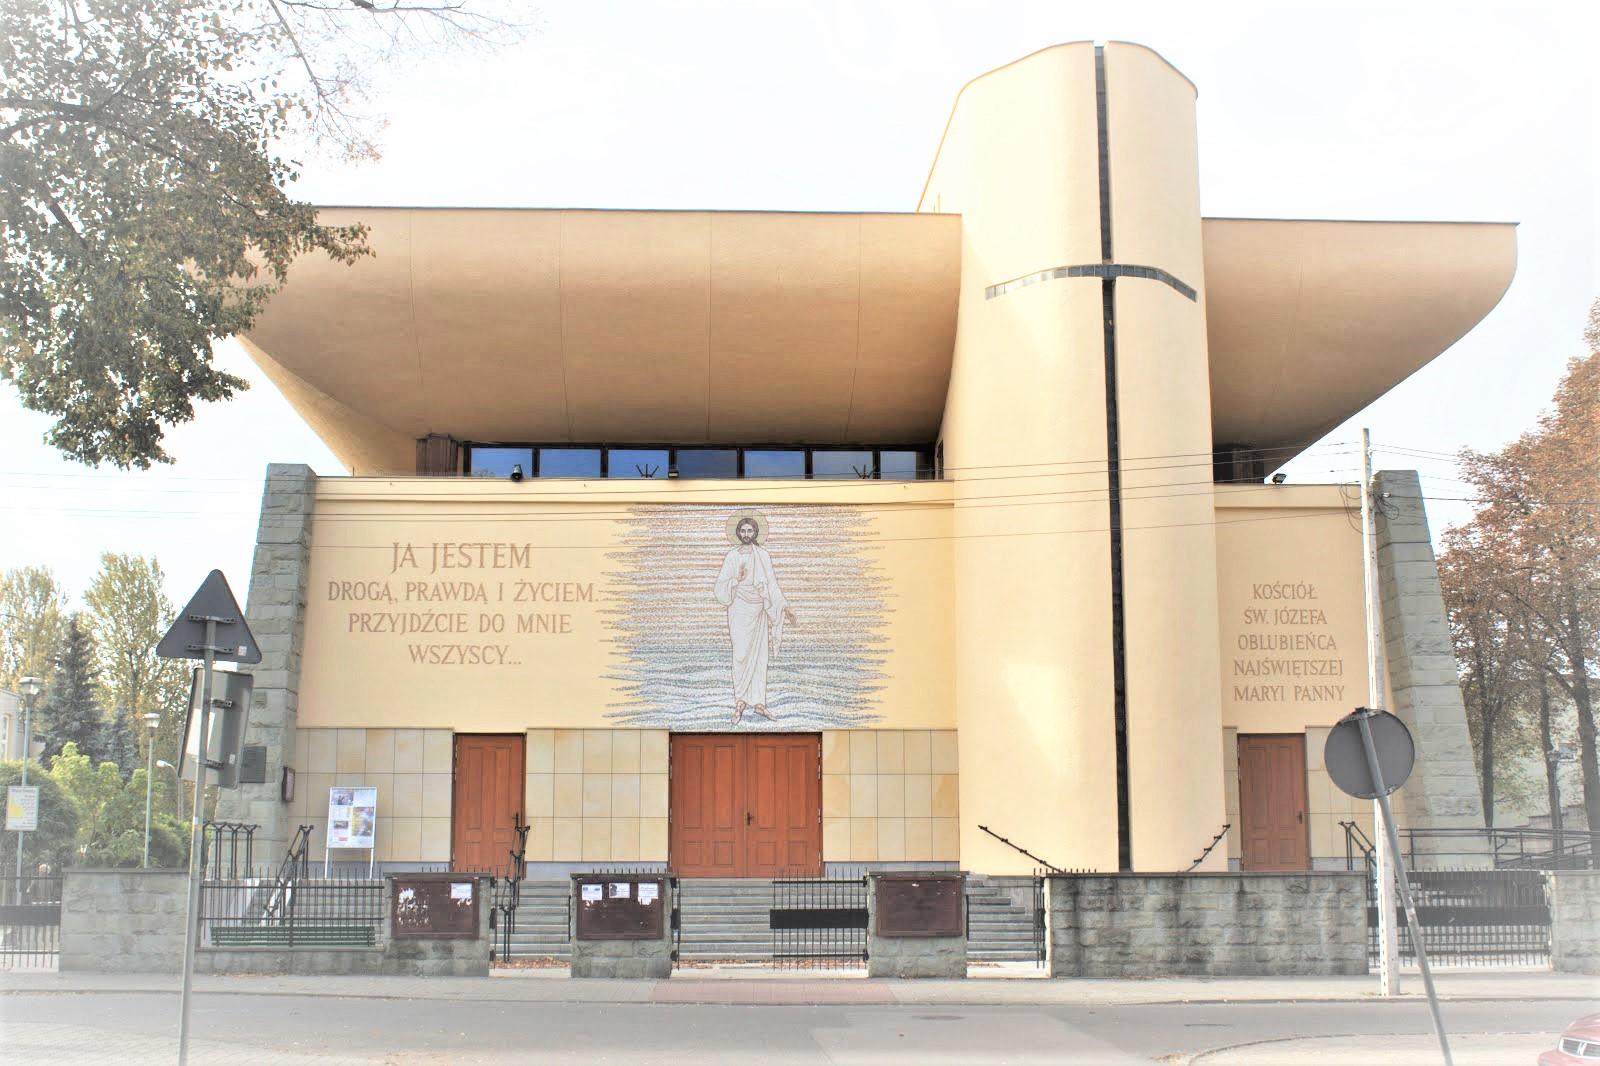 ul. Sosnkowskiego 34, 02-495 Warszawa